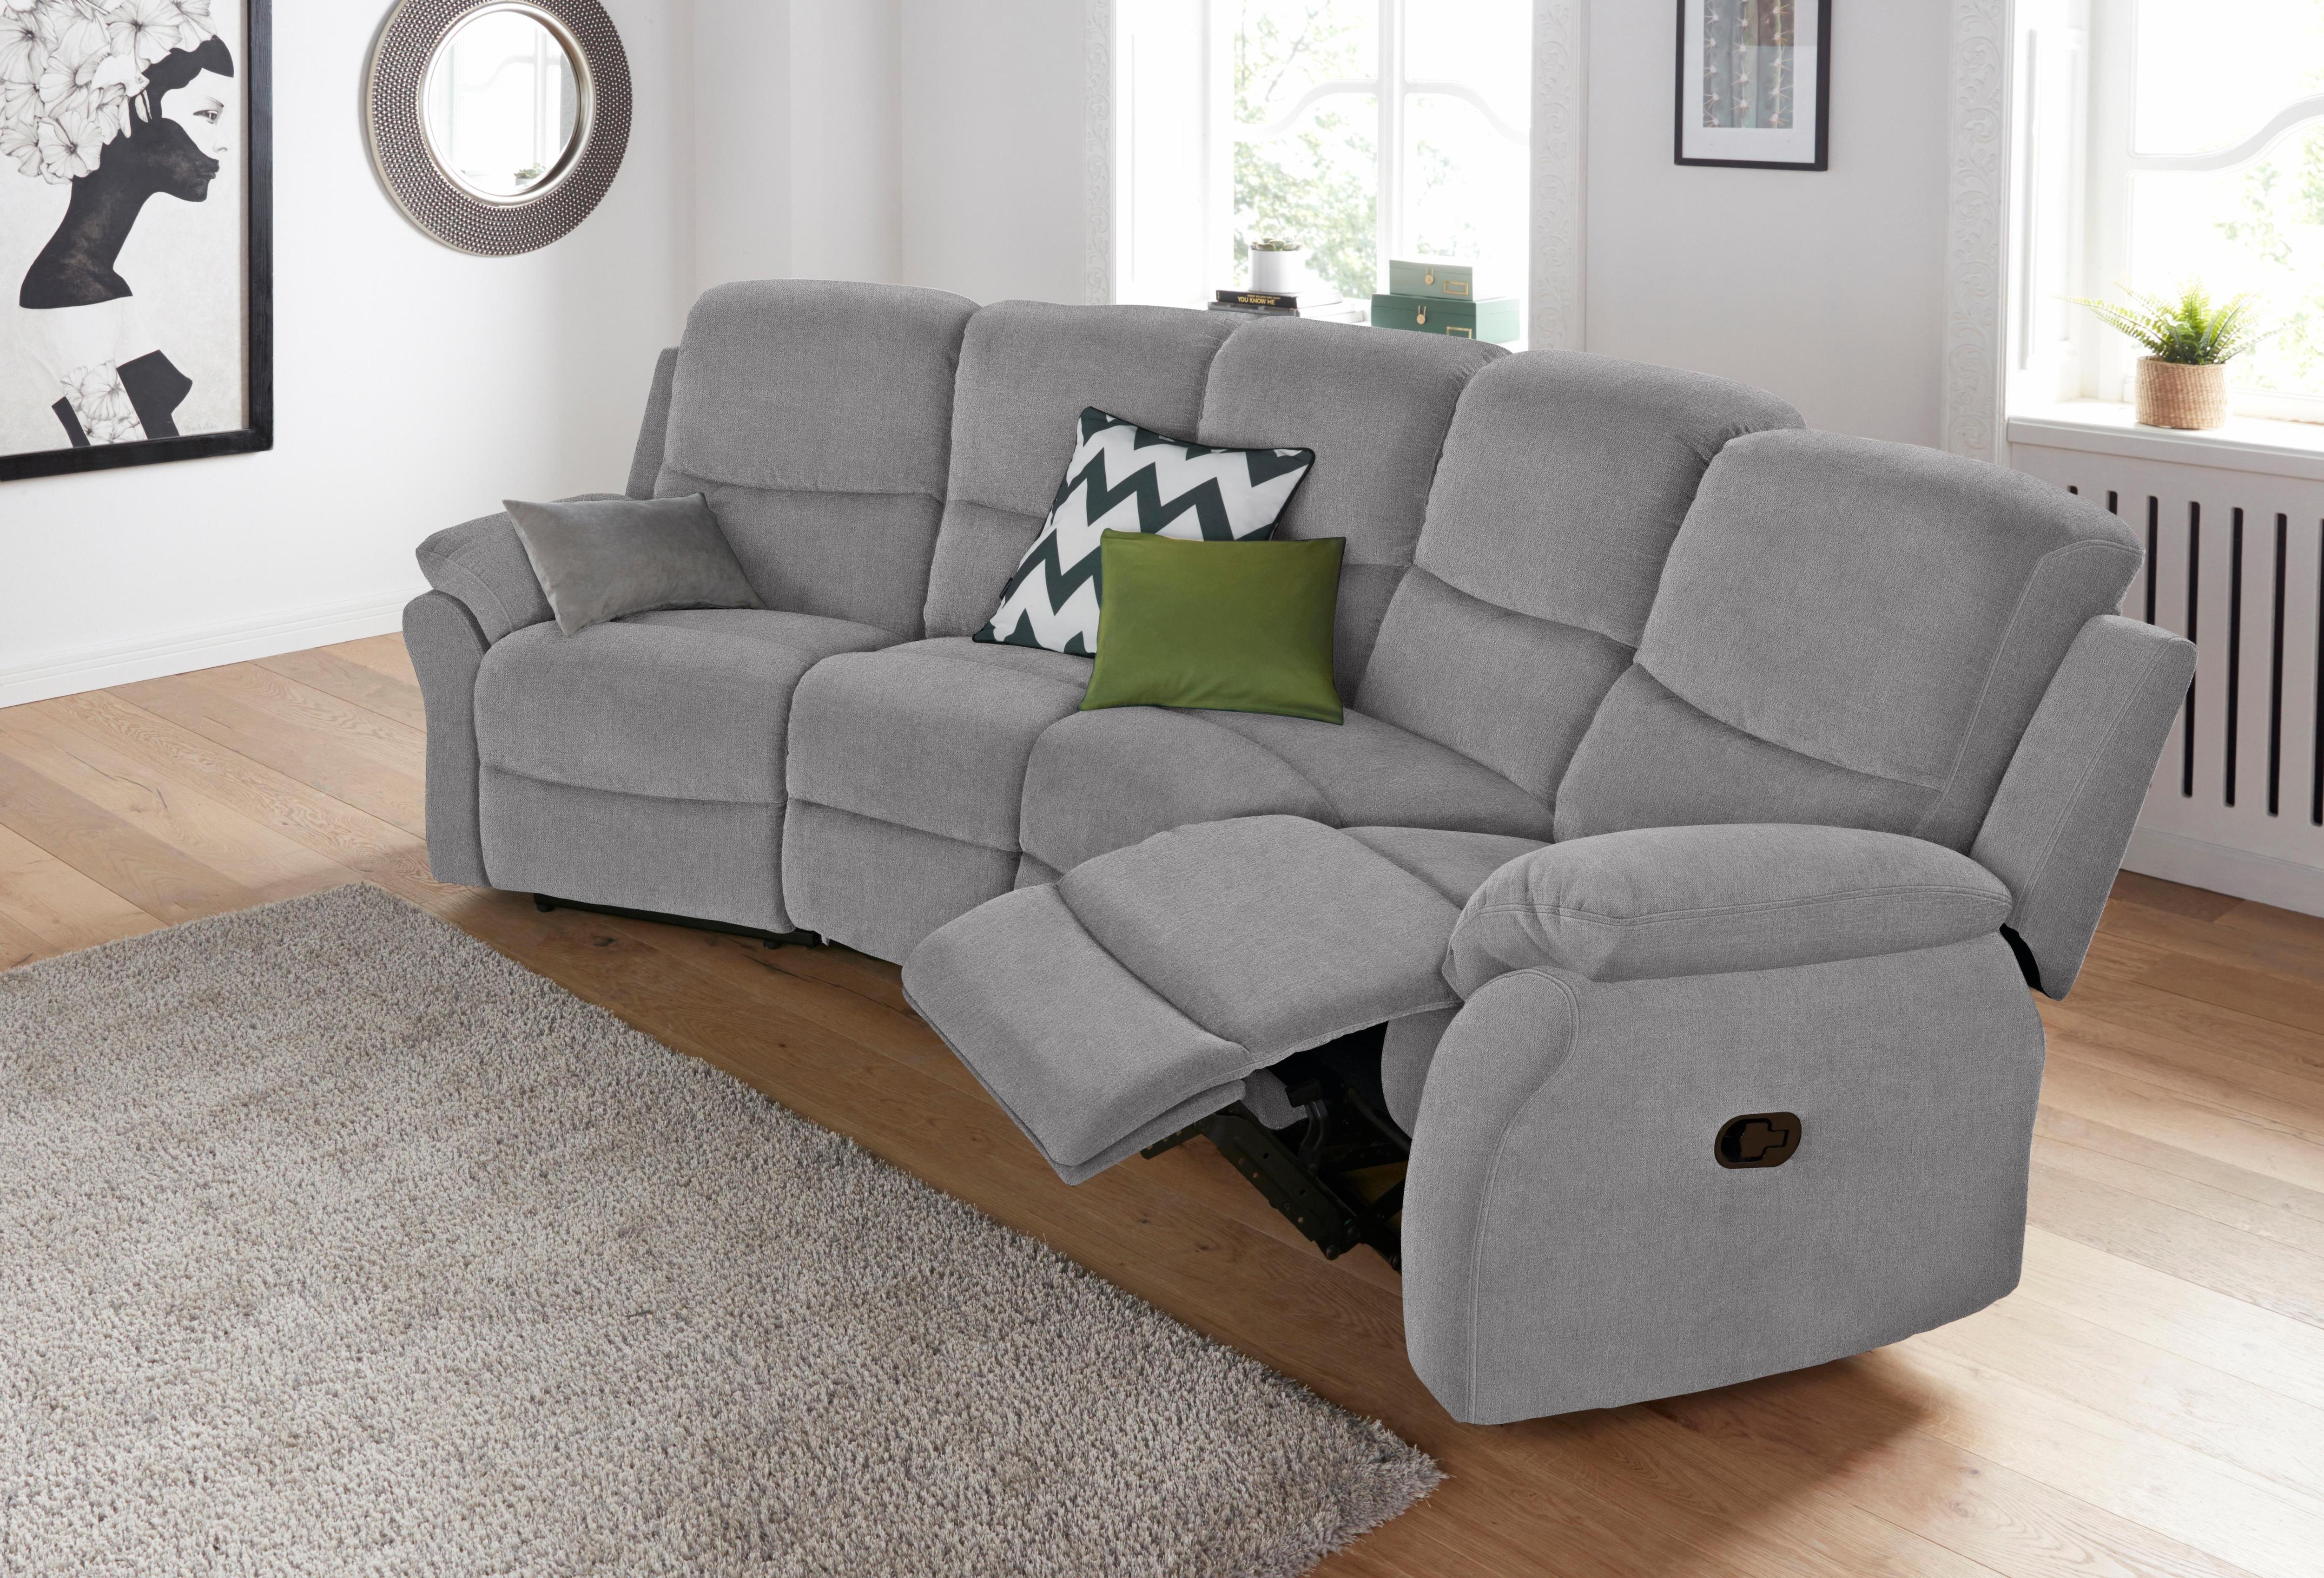 Big-Sofa, mit Reclinerfunktion